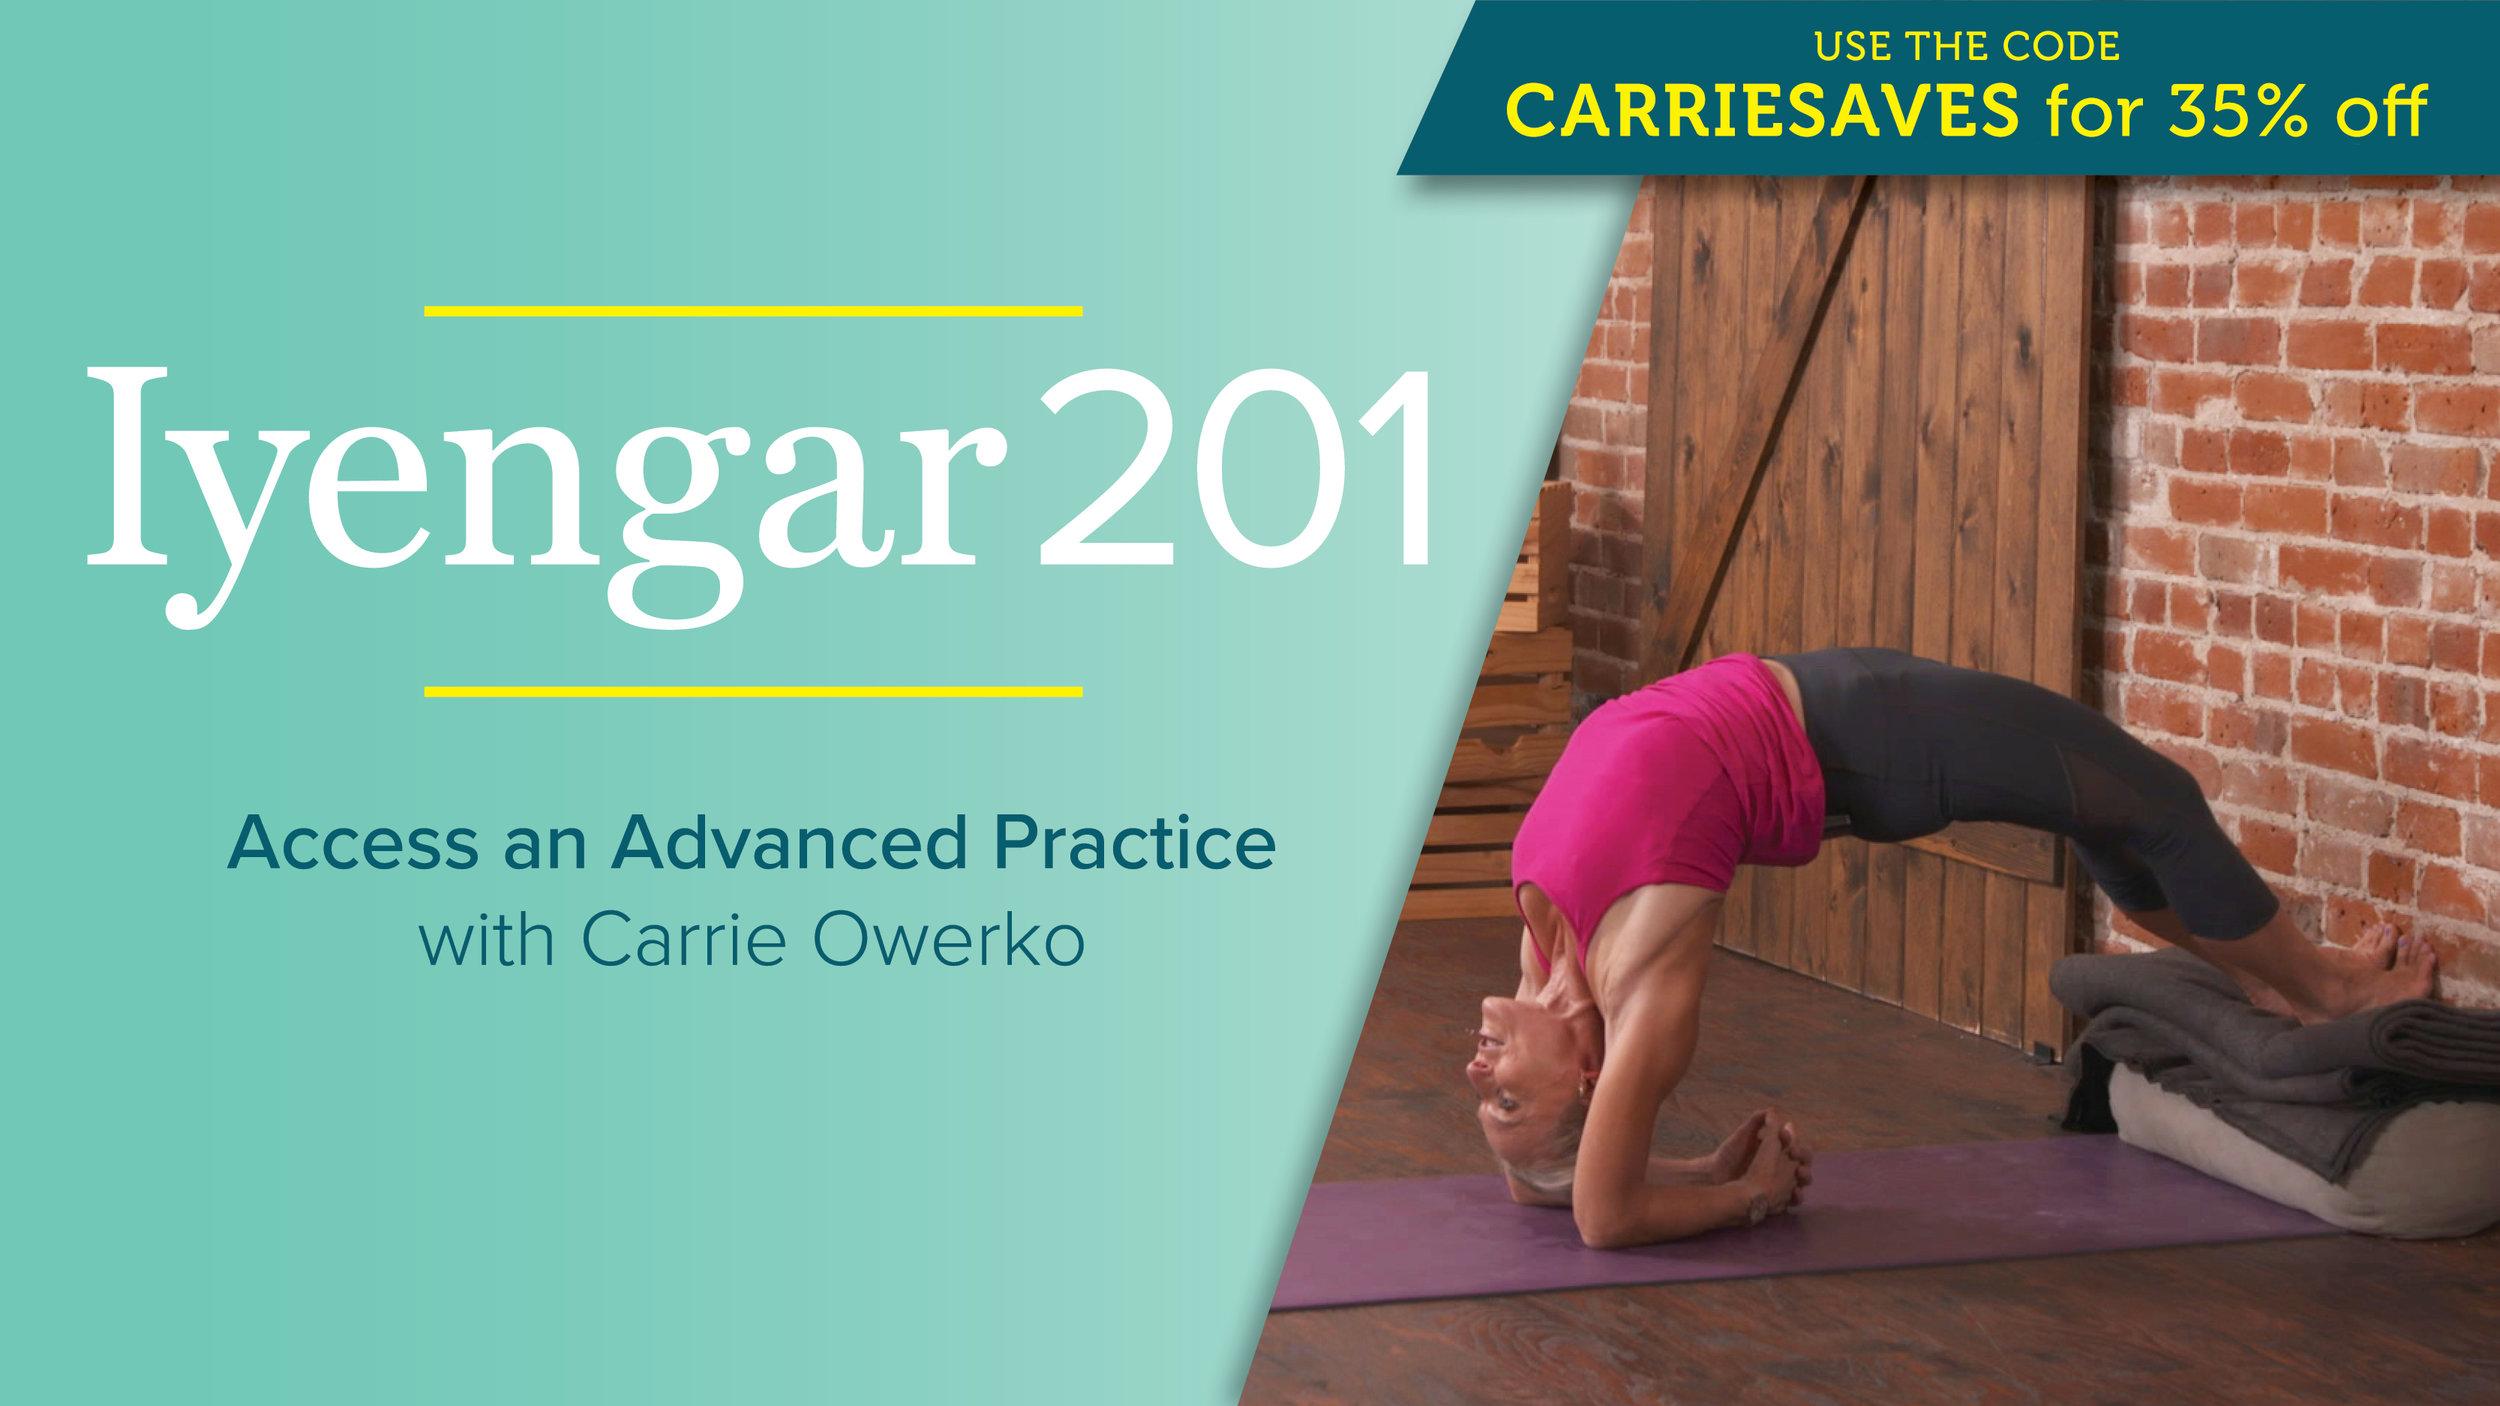 REVISED-YJ-Iyengar201-website_landing-page.jpg